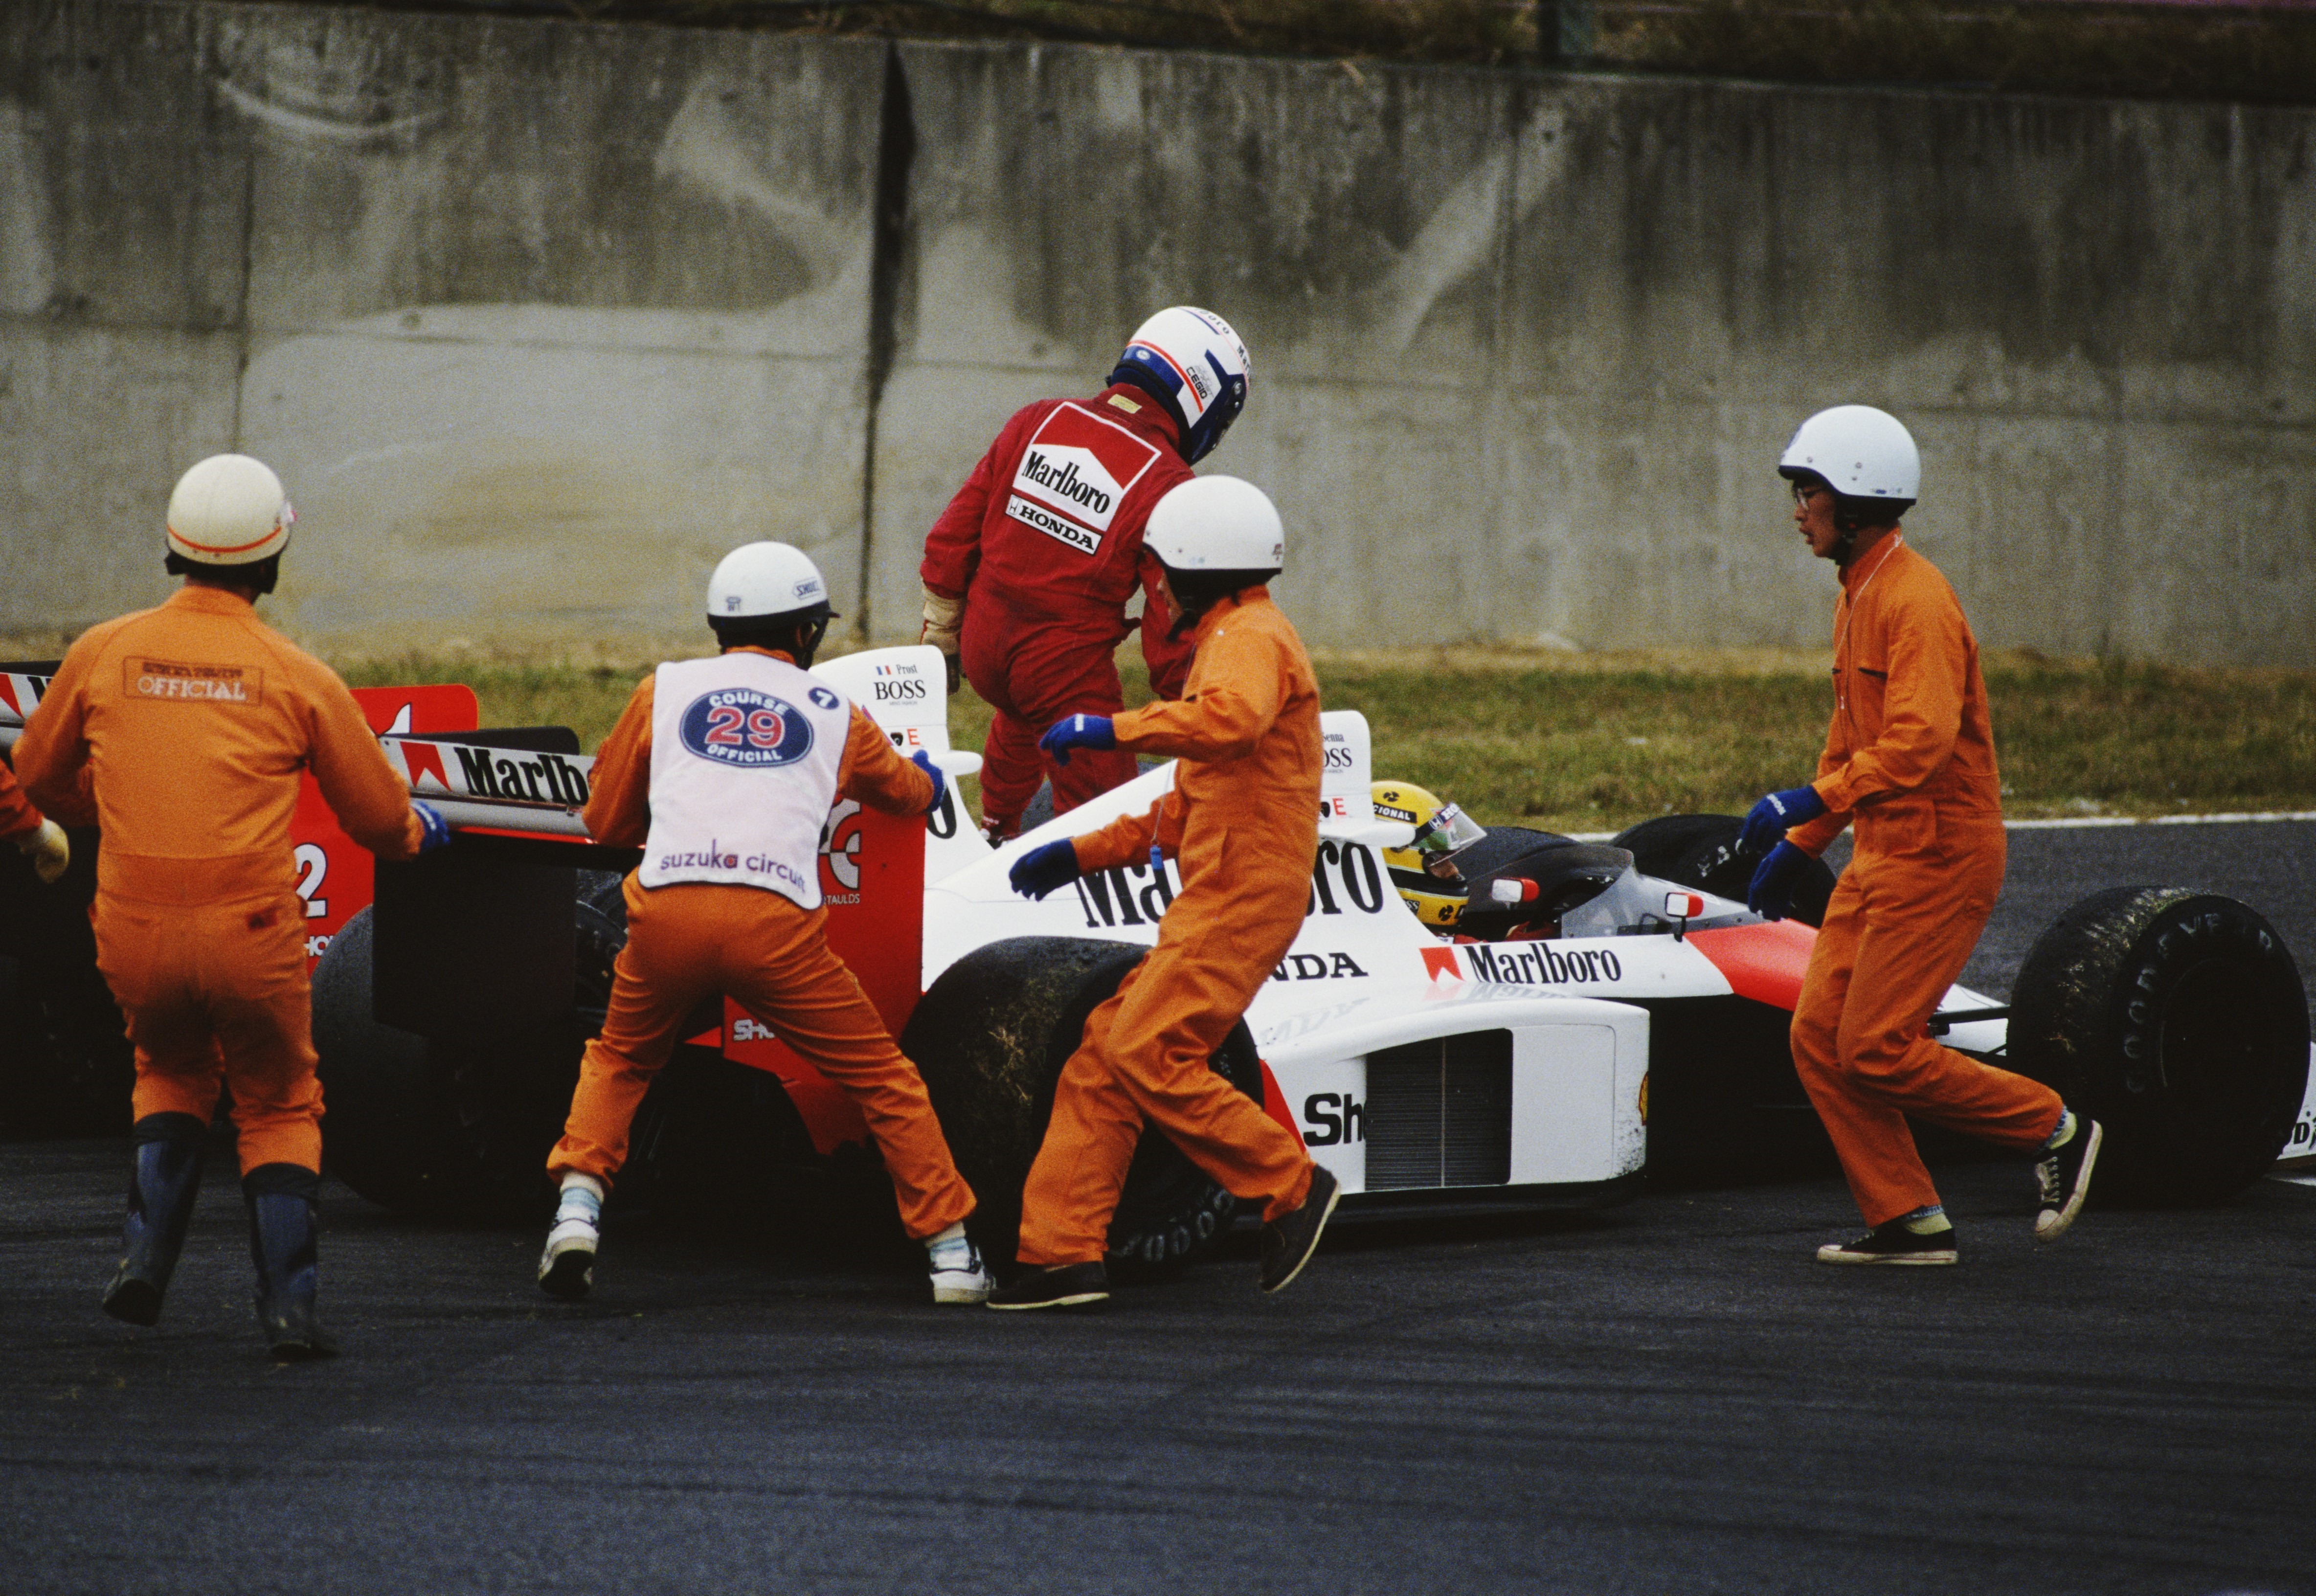 Ayrton Senna et Alain Prost (McLaren) au Grand Prix du Japon 1989